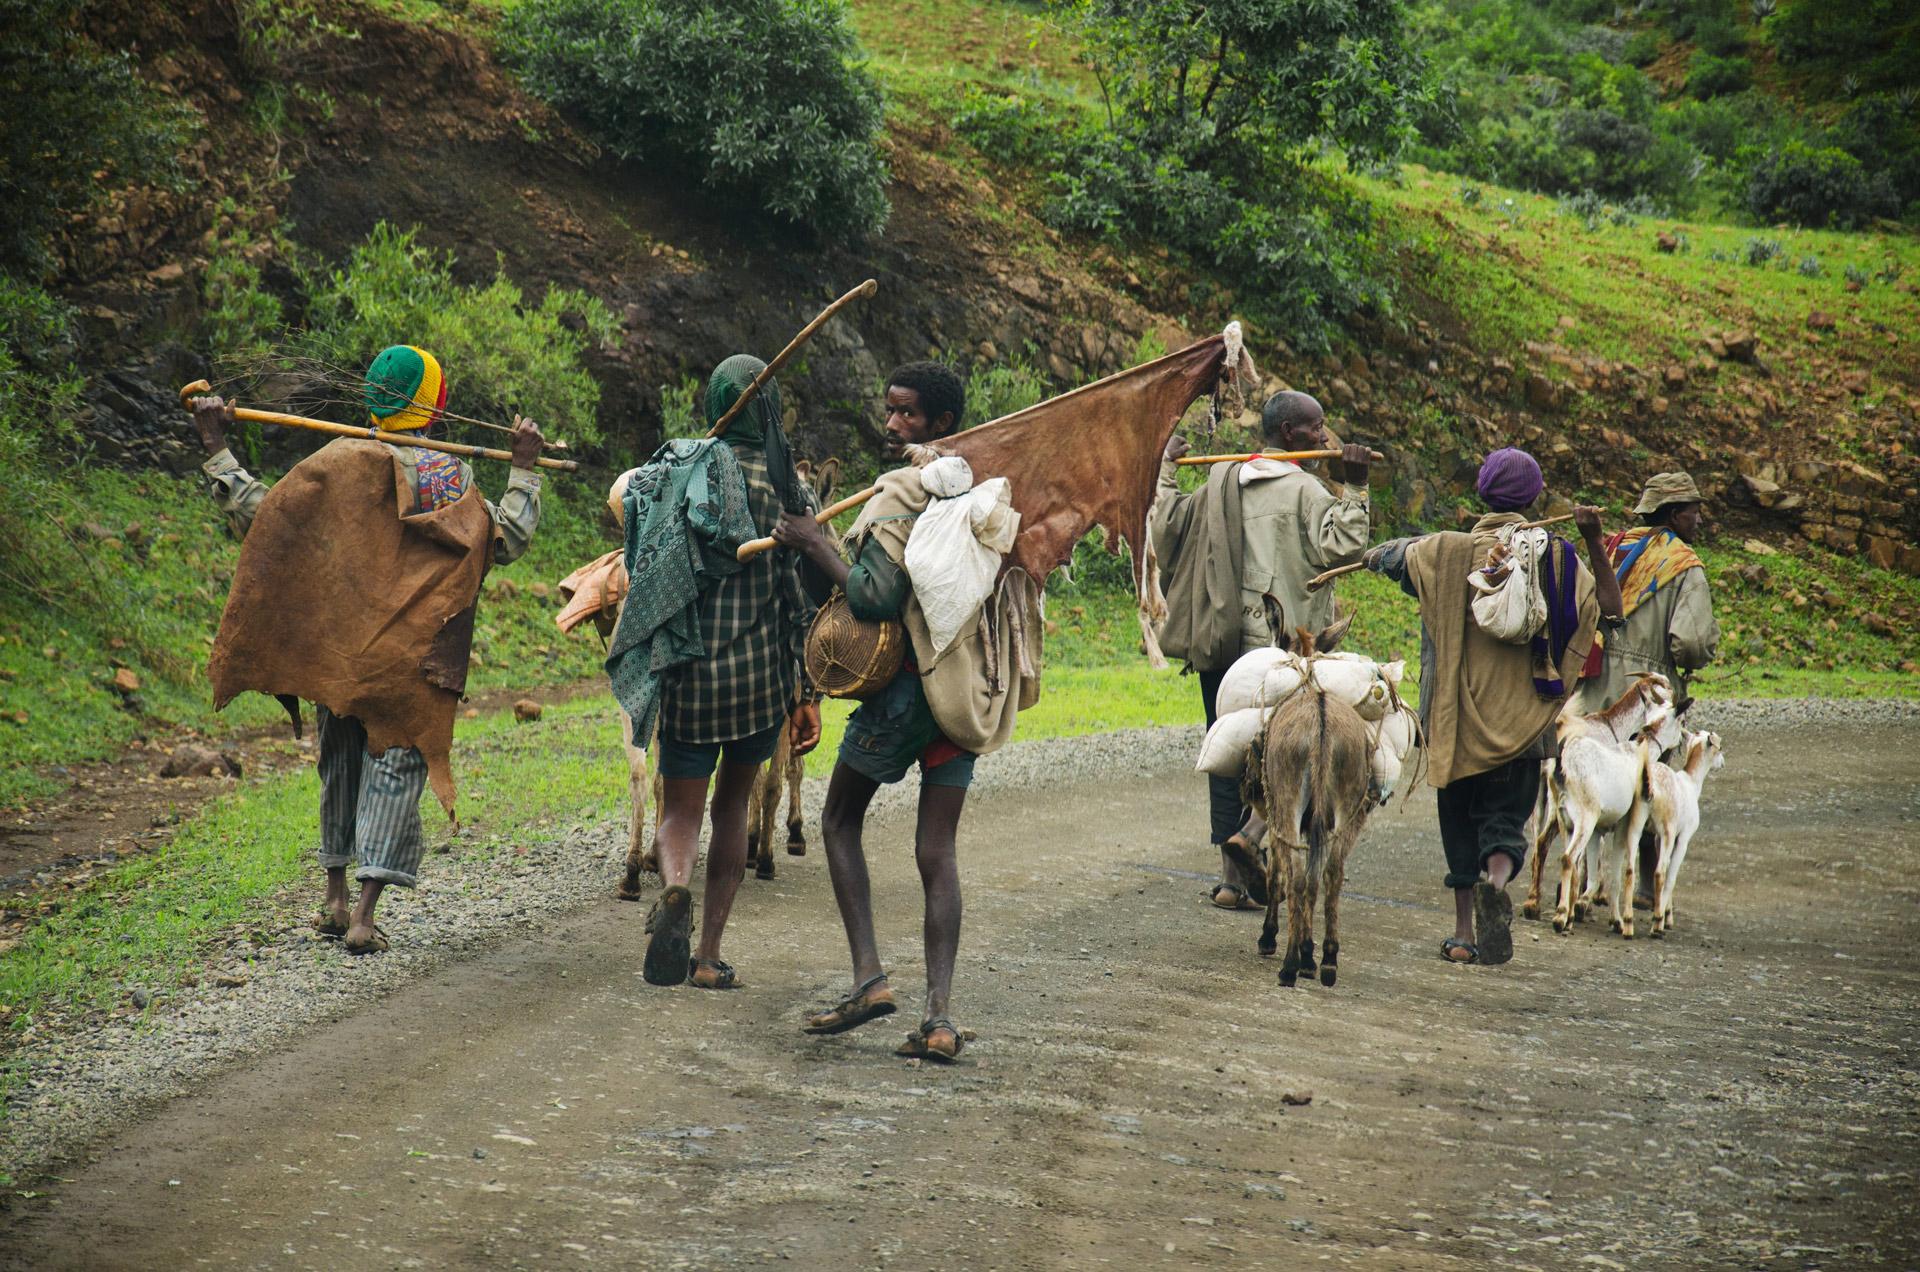 Road scene,Ethiopia